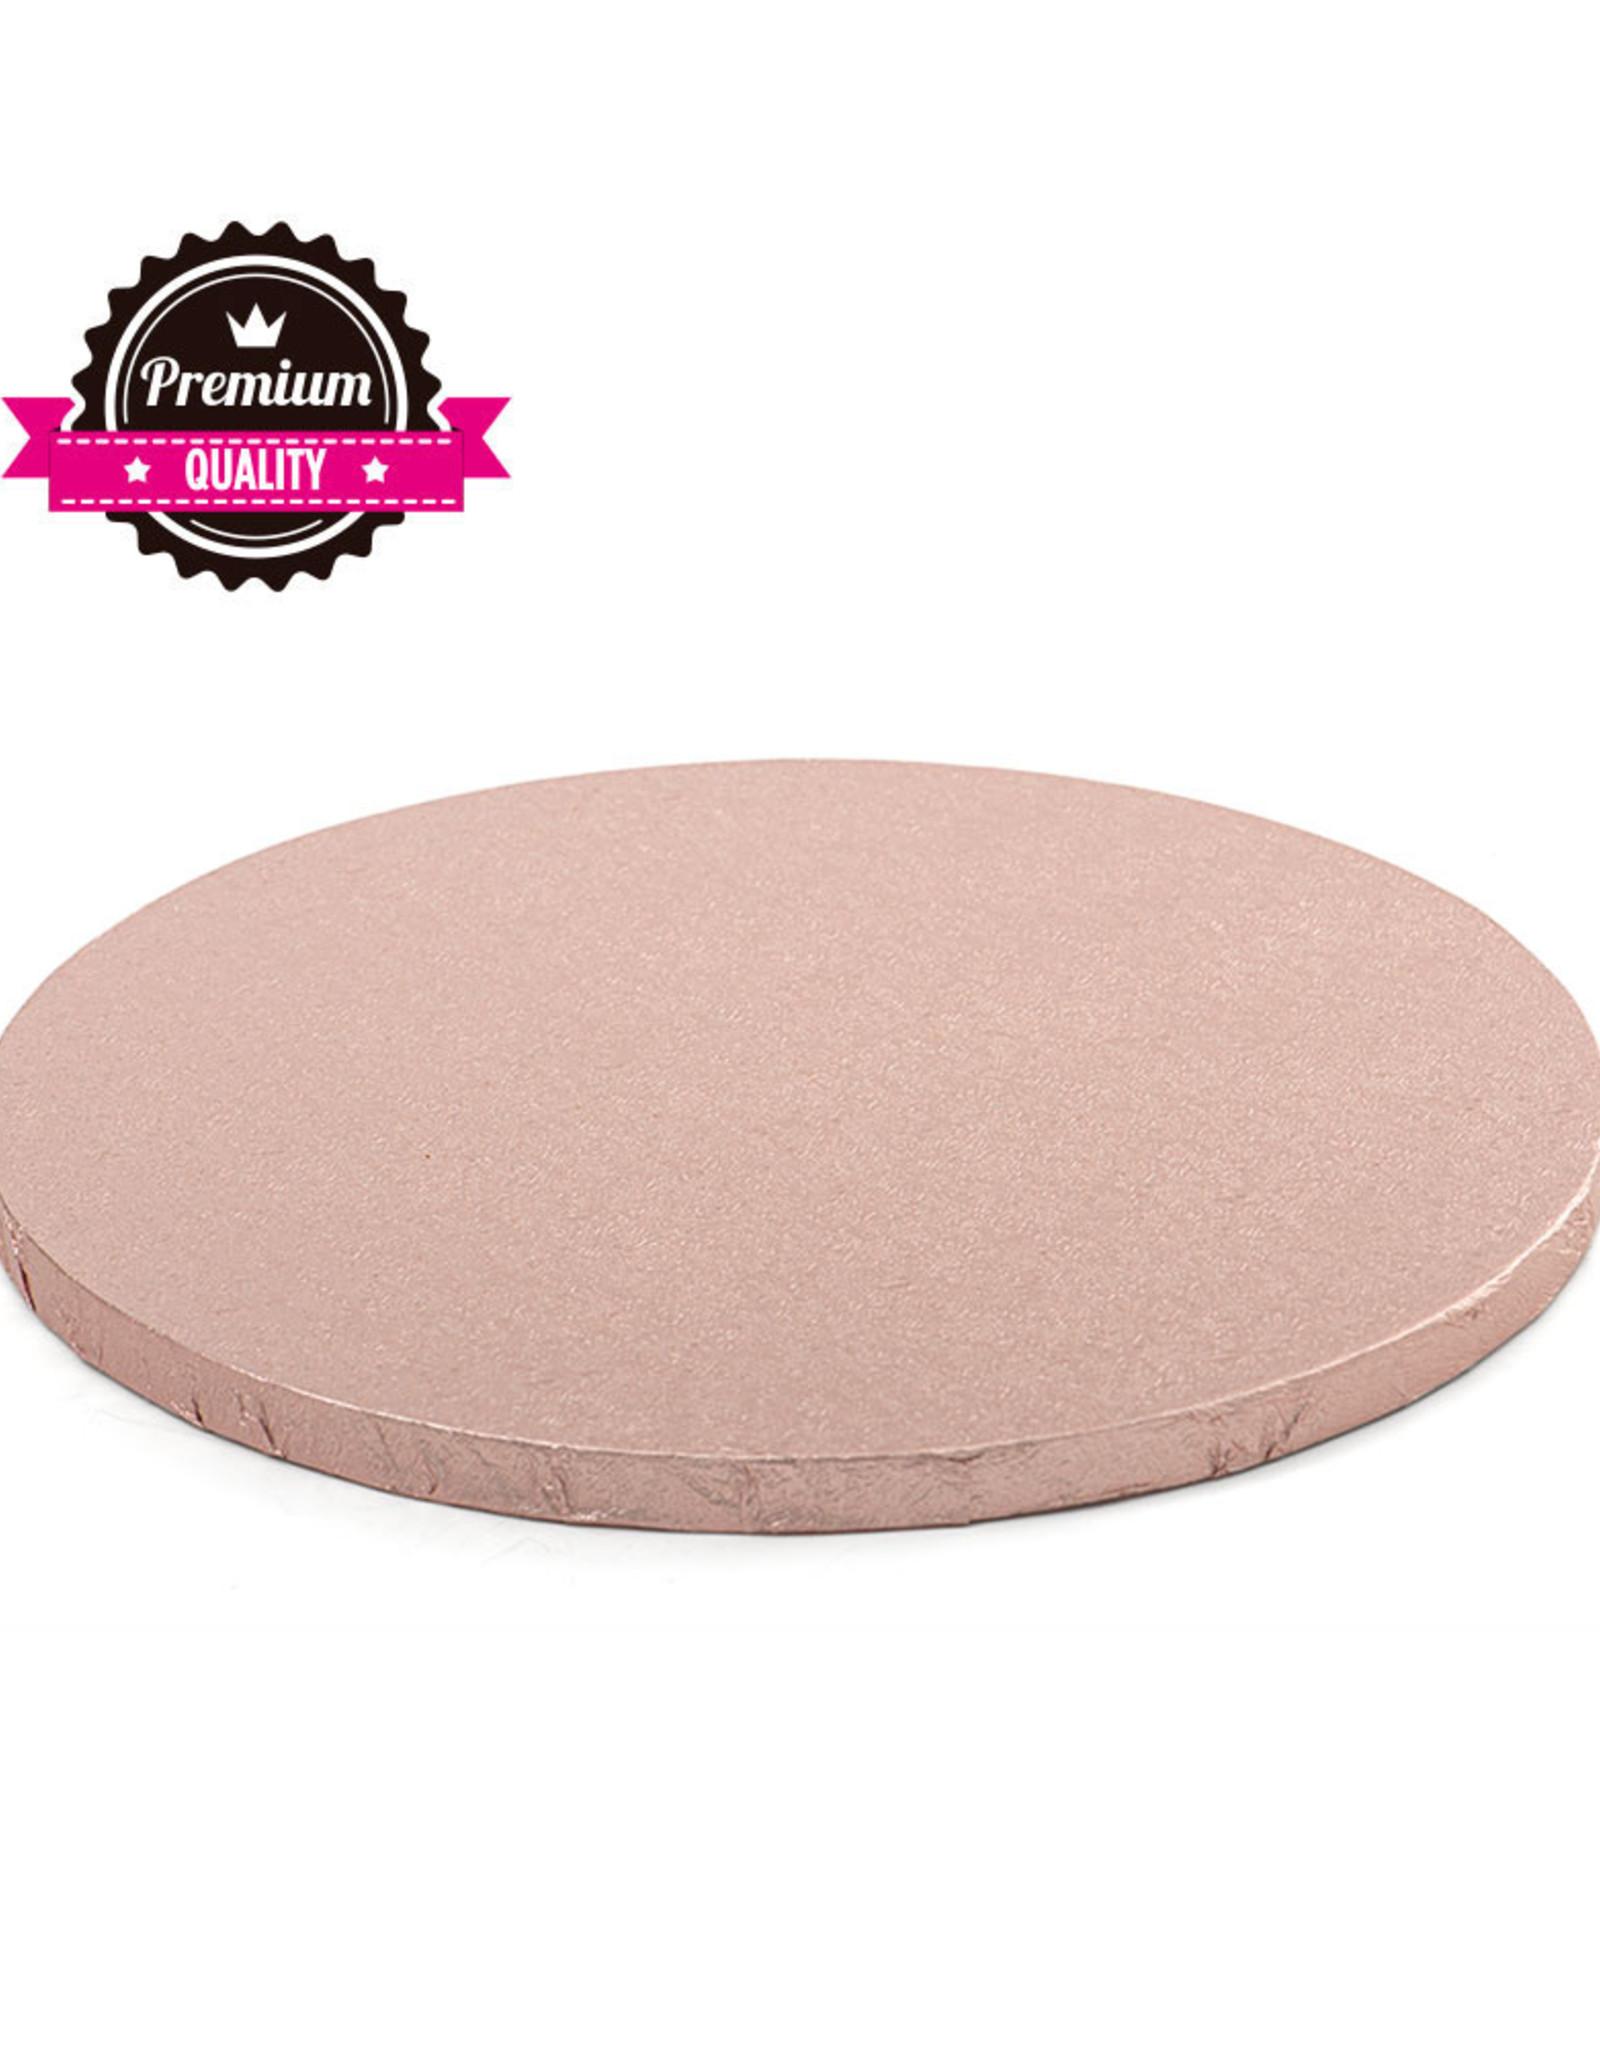 Decora Cake Drum Rond Ø30,5cm Rose Goud